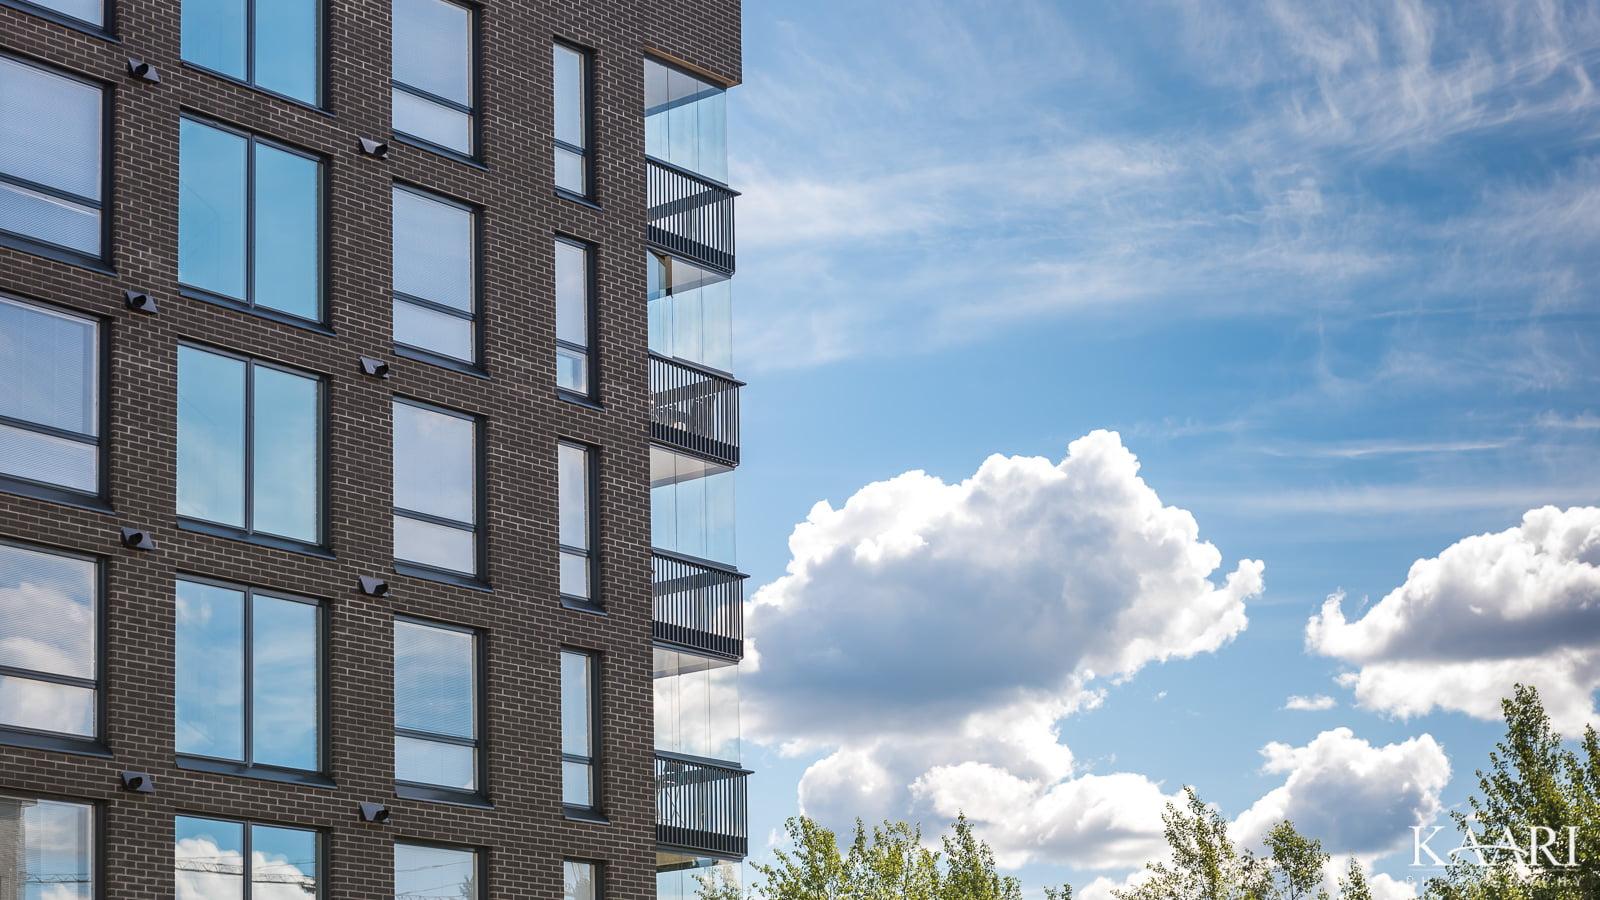 Arkkitehtuurikuvat 087